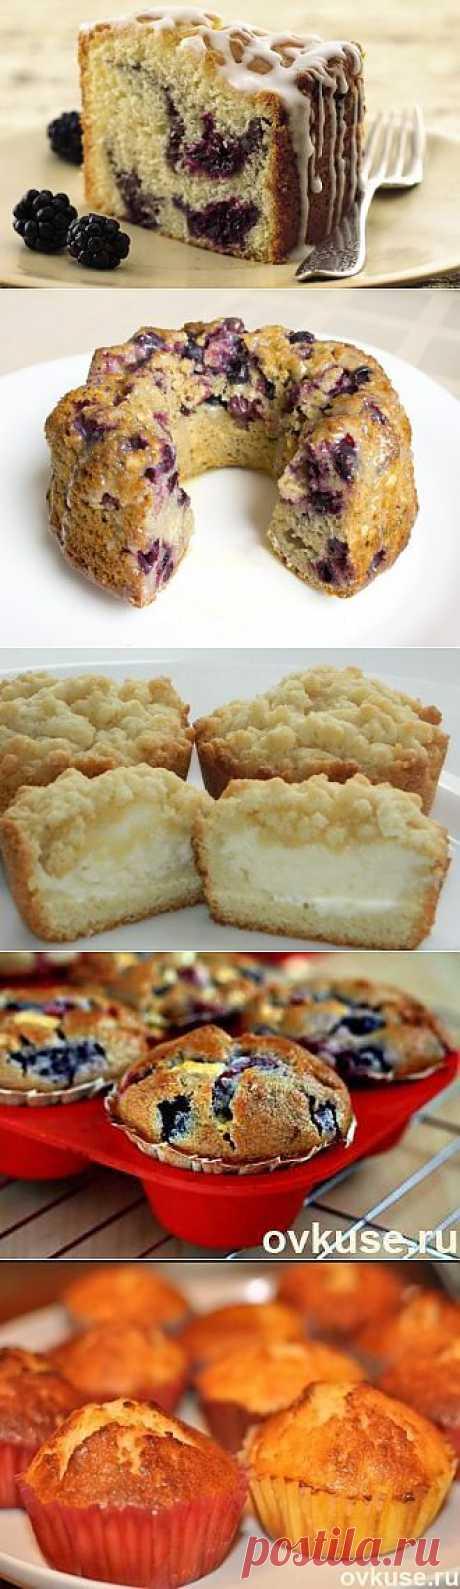 Домашние кексы – сладкий праздник для всей семьи!.